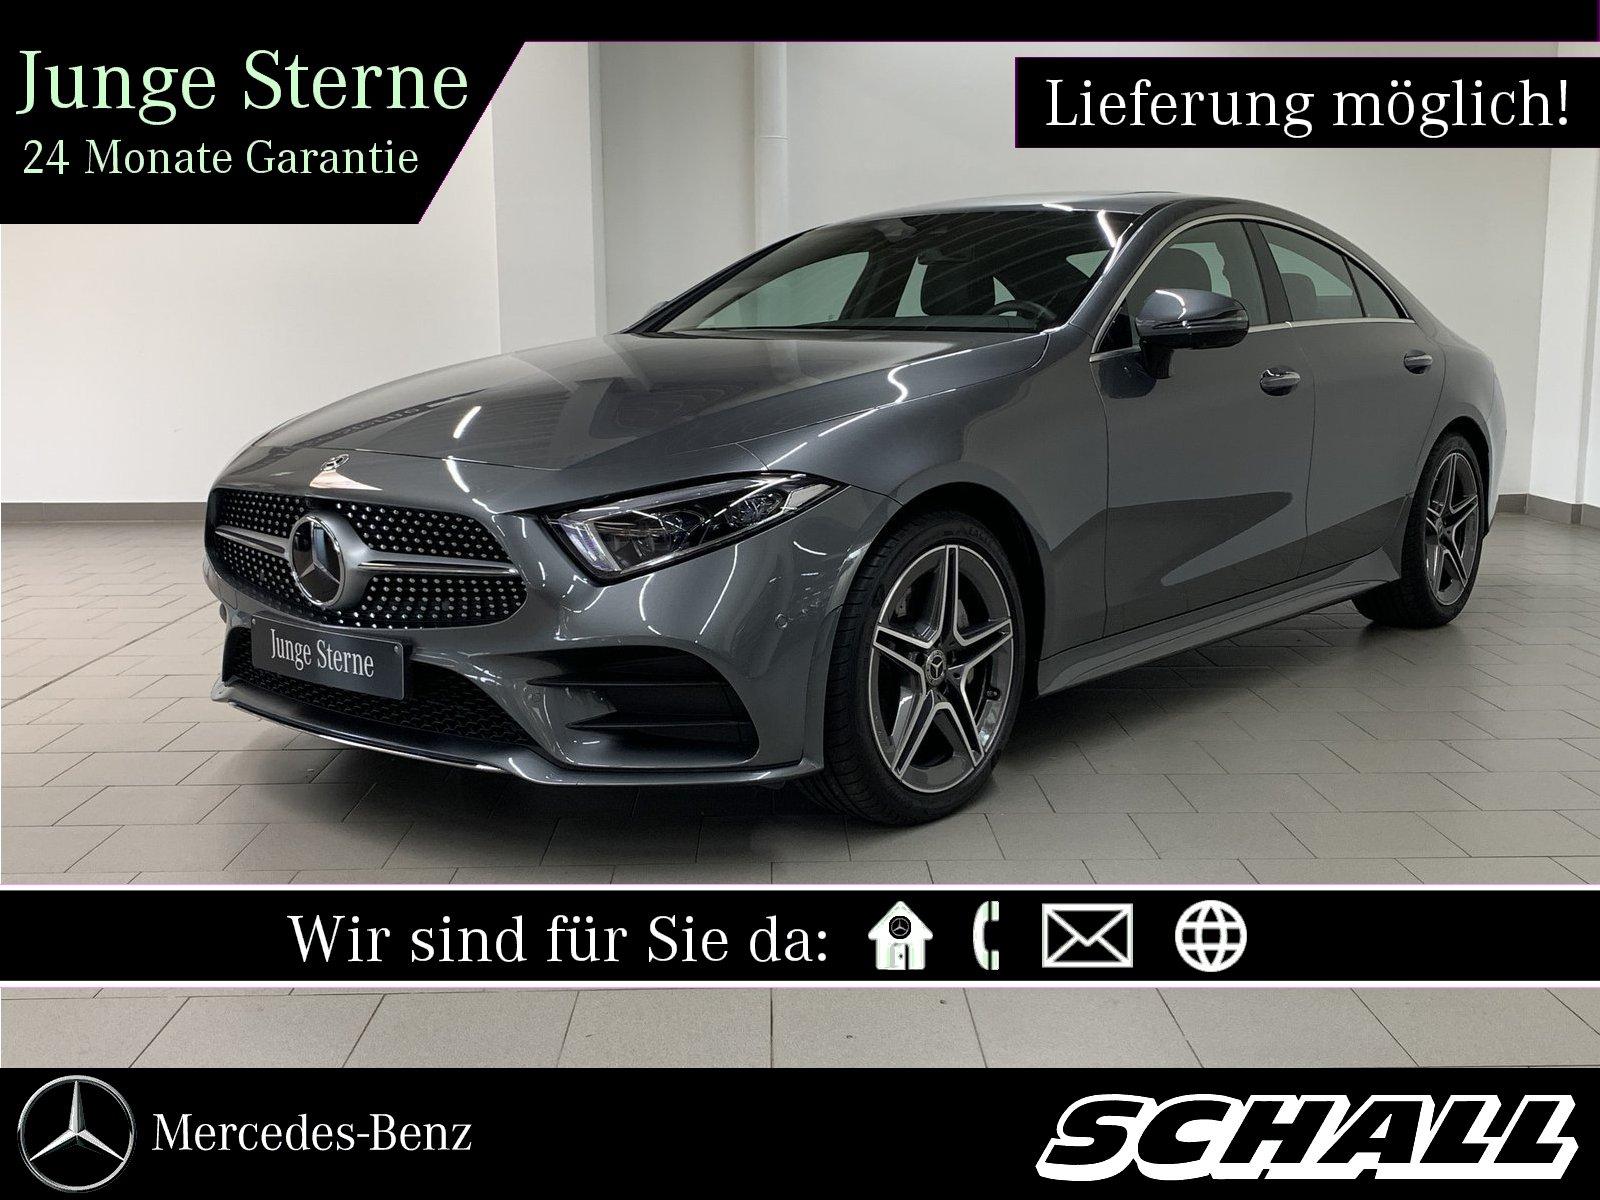 Mercedes-Benz CLS 400 d 4M AMG+DISTR+WIDE+MULTIBEAM+360°+MEMO, Jahr 2018, Diesel